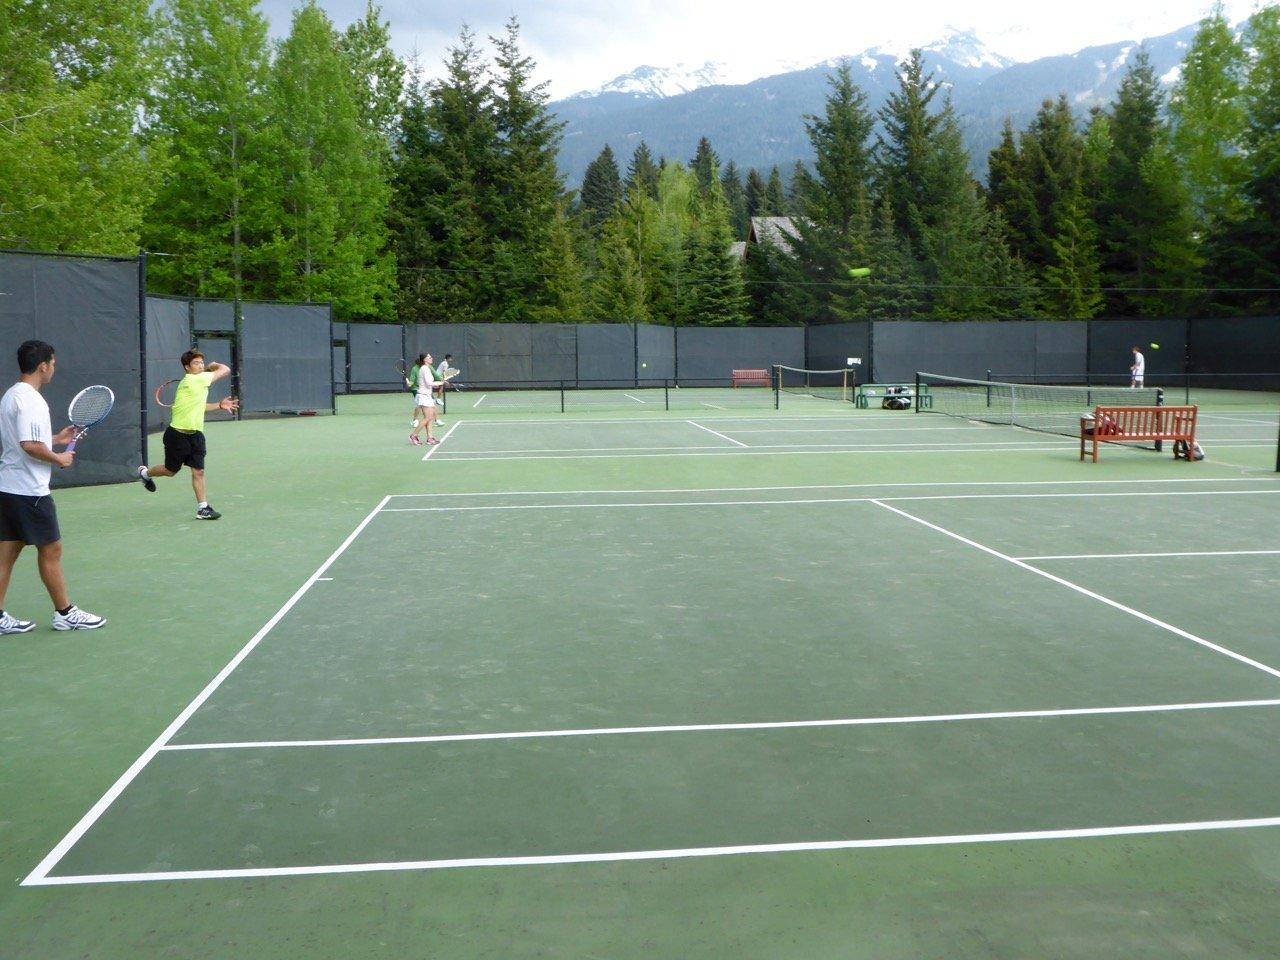 tennis-tourist-whistler-racquet-club-outdoor-court-bill-adair